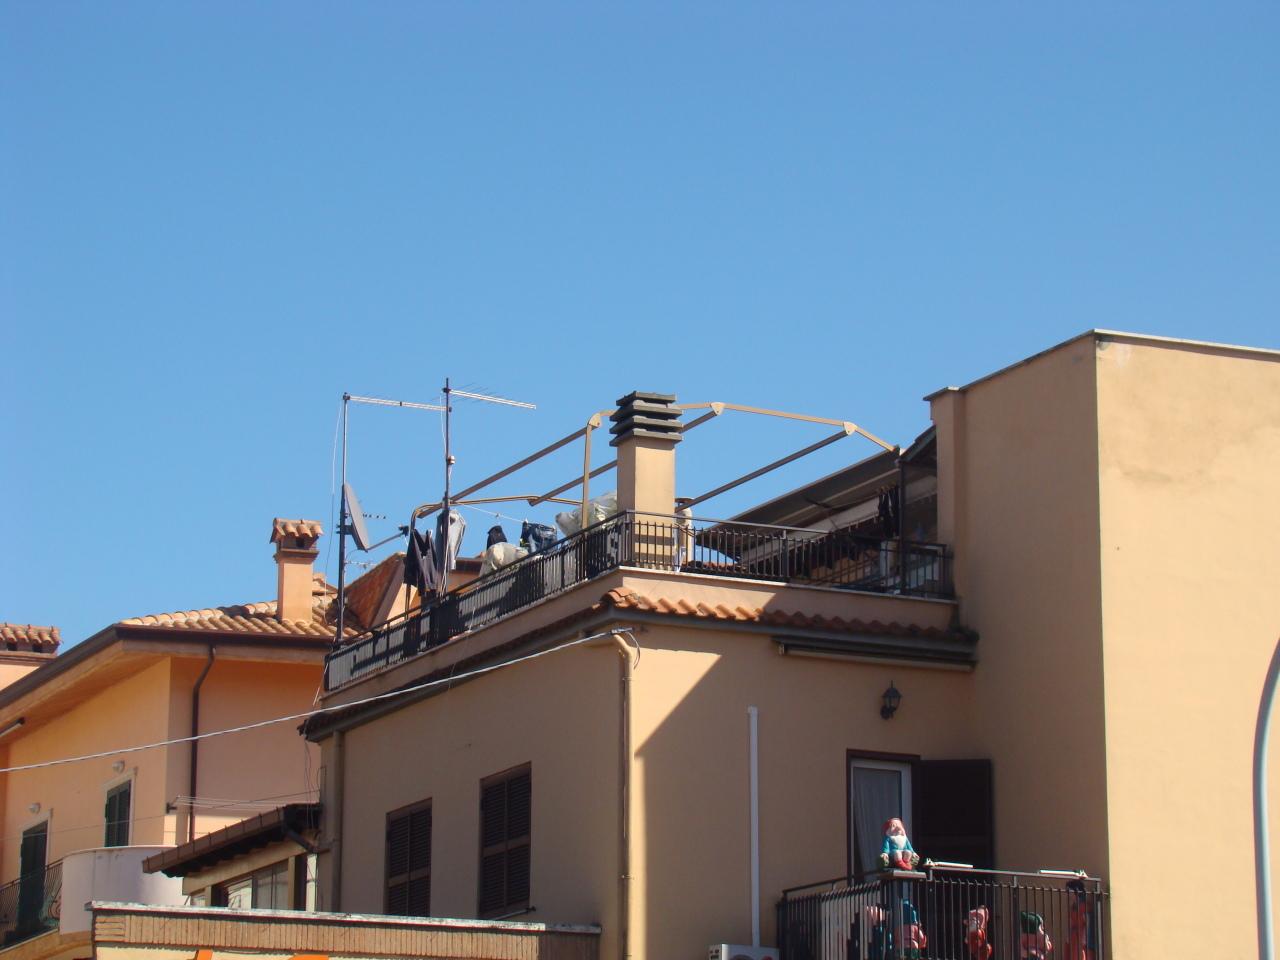 Attico / Mansarda in vendita a Grottaferrata, 7 locali, prezzo € 330.000 | PortaleAgenzieImmobiliari.it